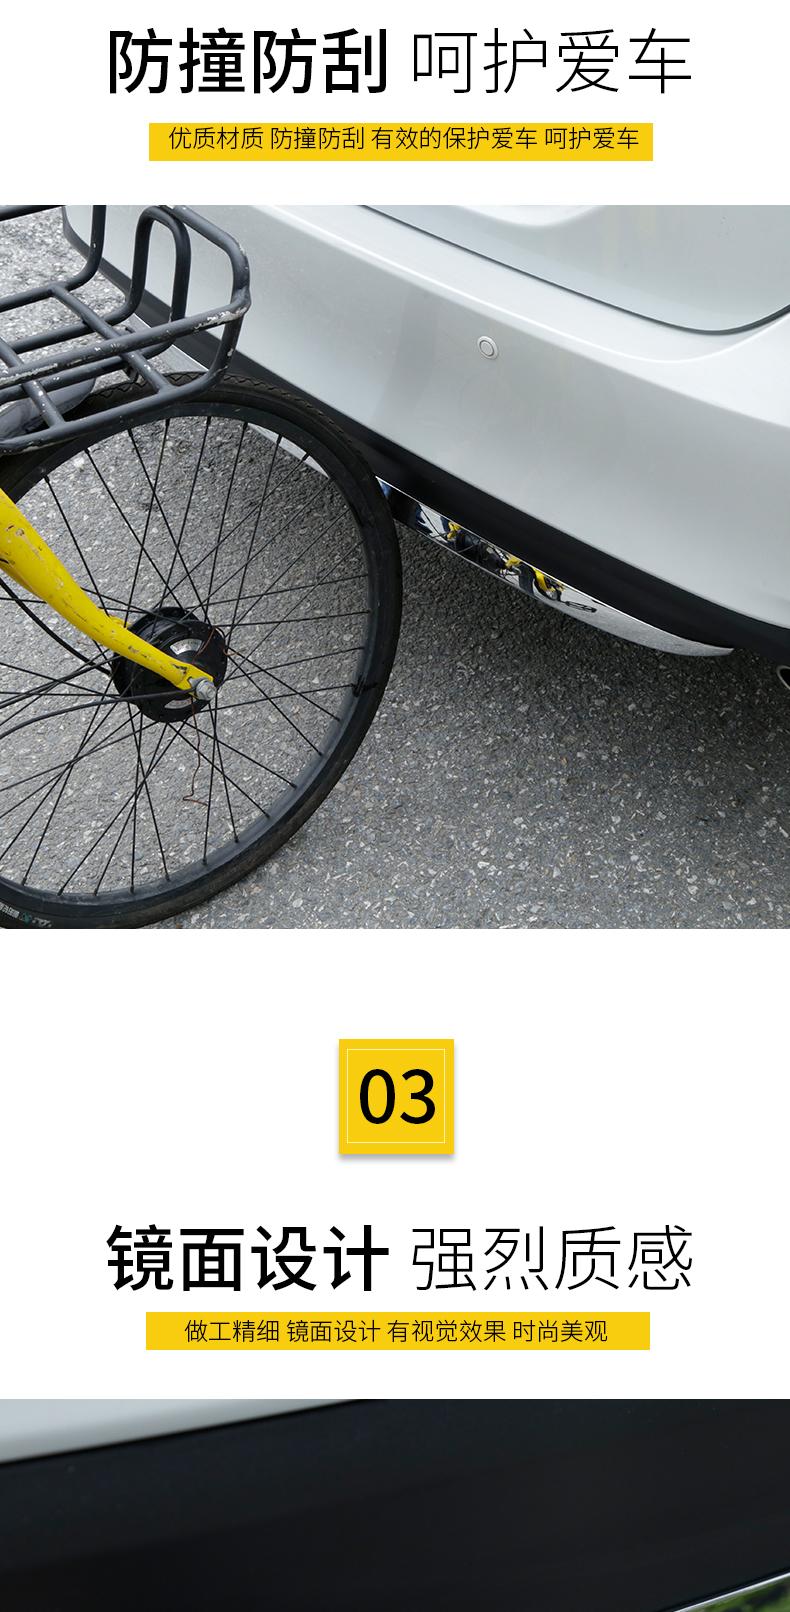 Ốp trang trí sau xe Toyota Camry 2019 - ảnh 6